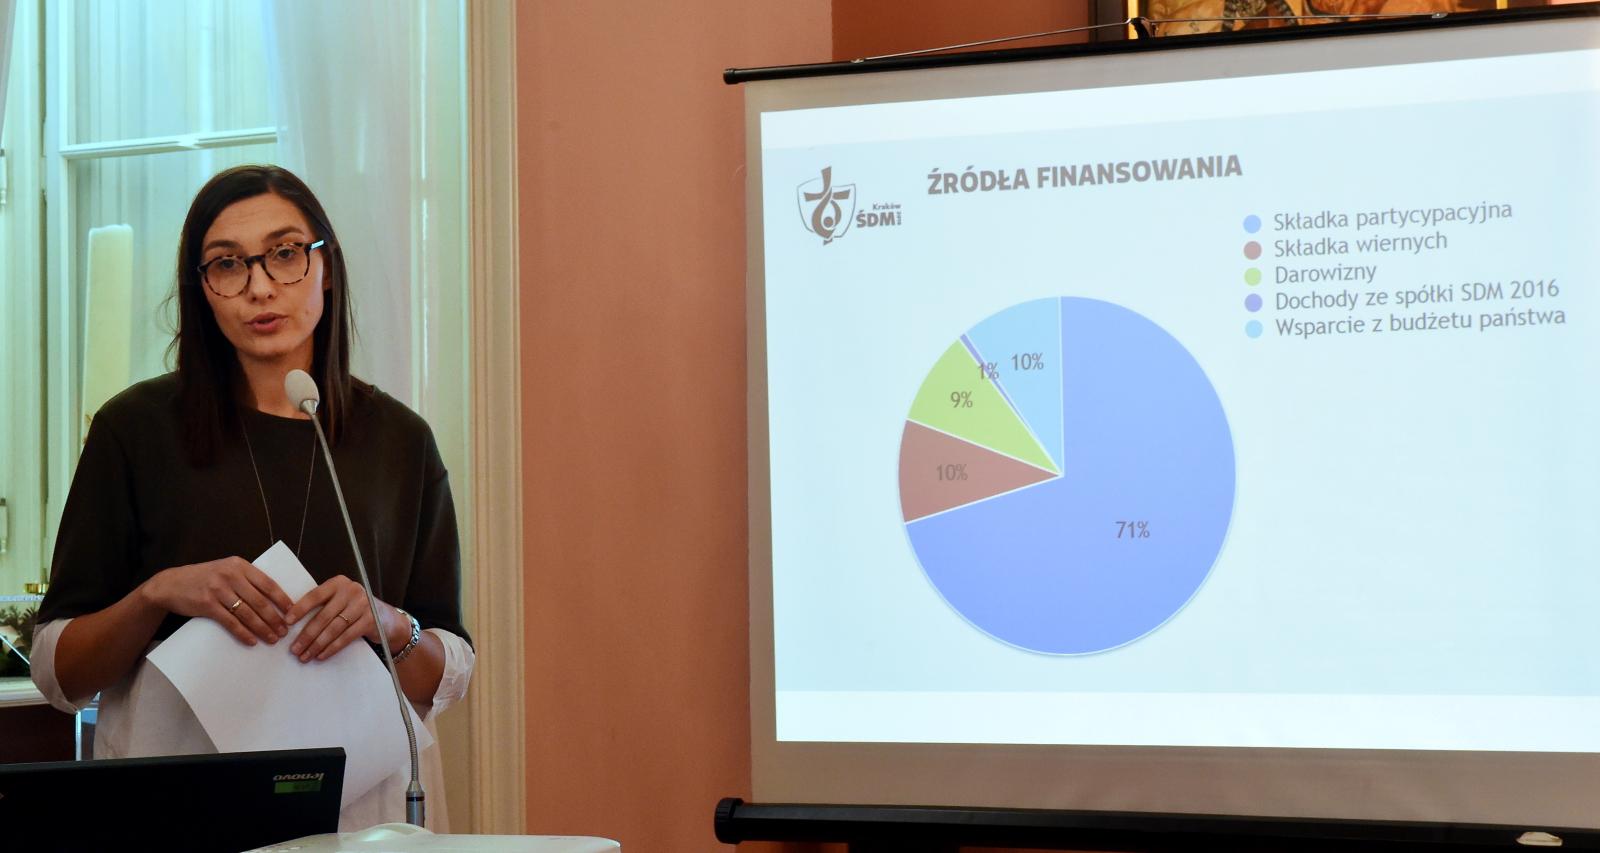 Komitet Organizacyjny ŚDM podsumował ŒŚwiatowe Dni Młodzieży podczas konferencji prasowej w Kurii Metropolitalnej w Krakowie. Fot. PAP/Jacek Bednarczyk